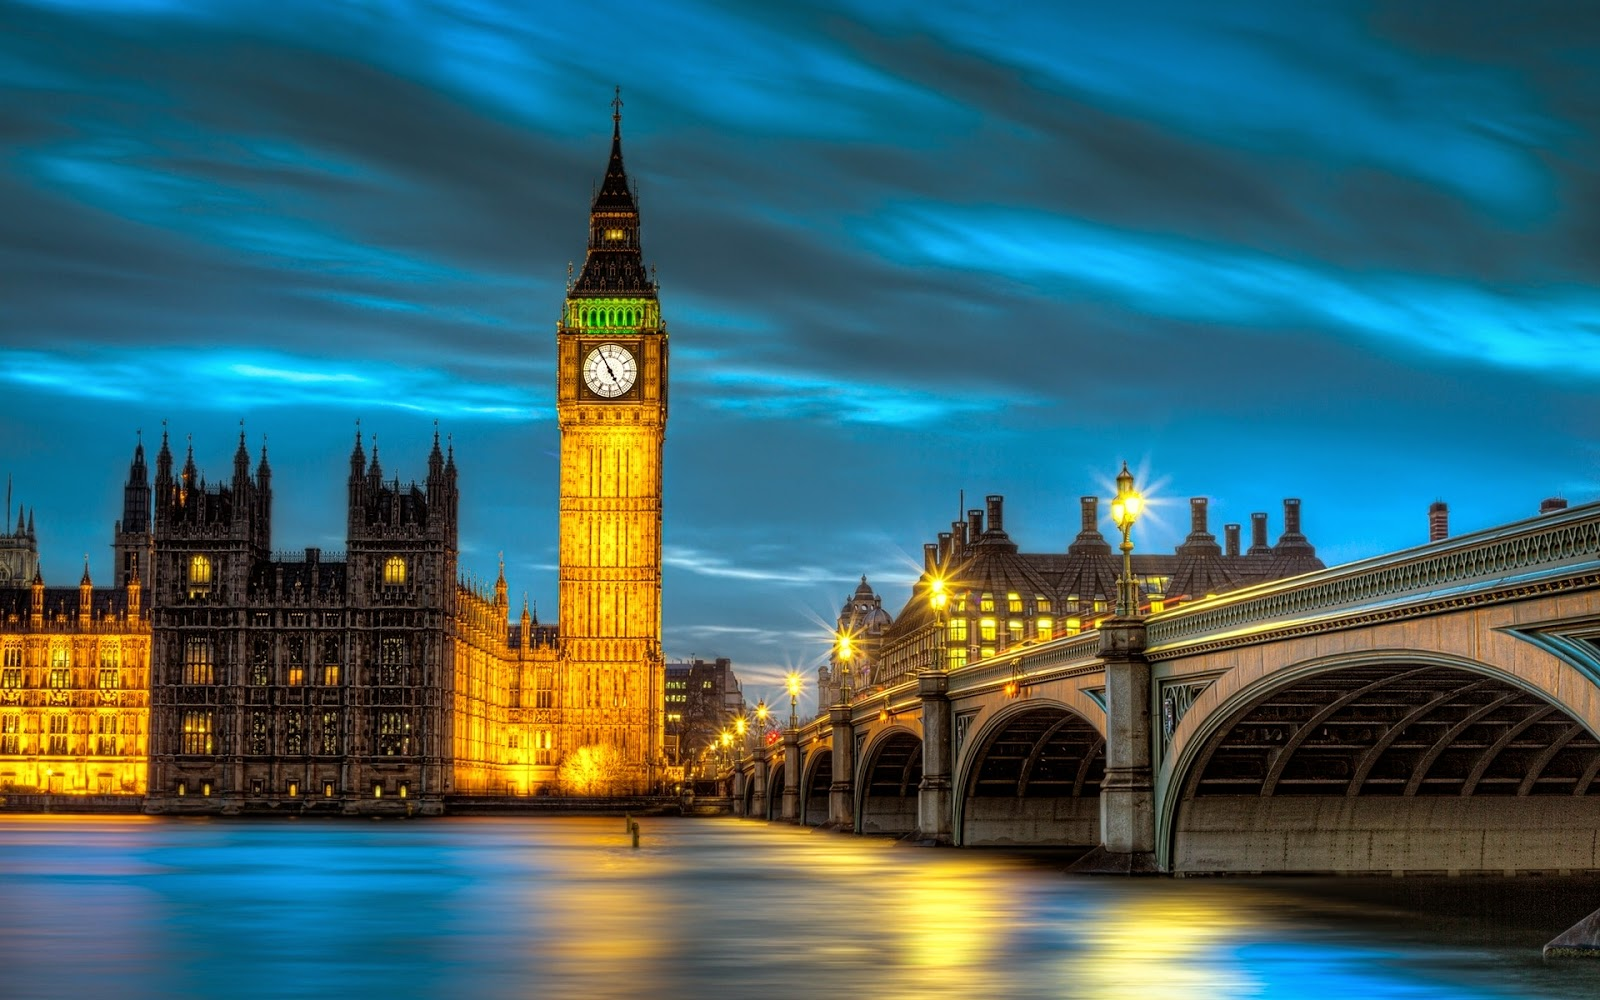 ساعة لندن بيج بن